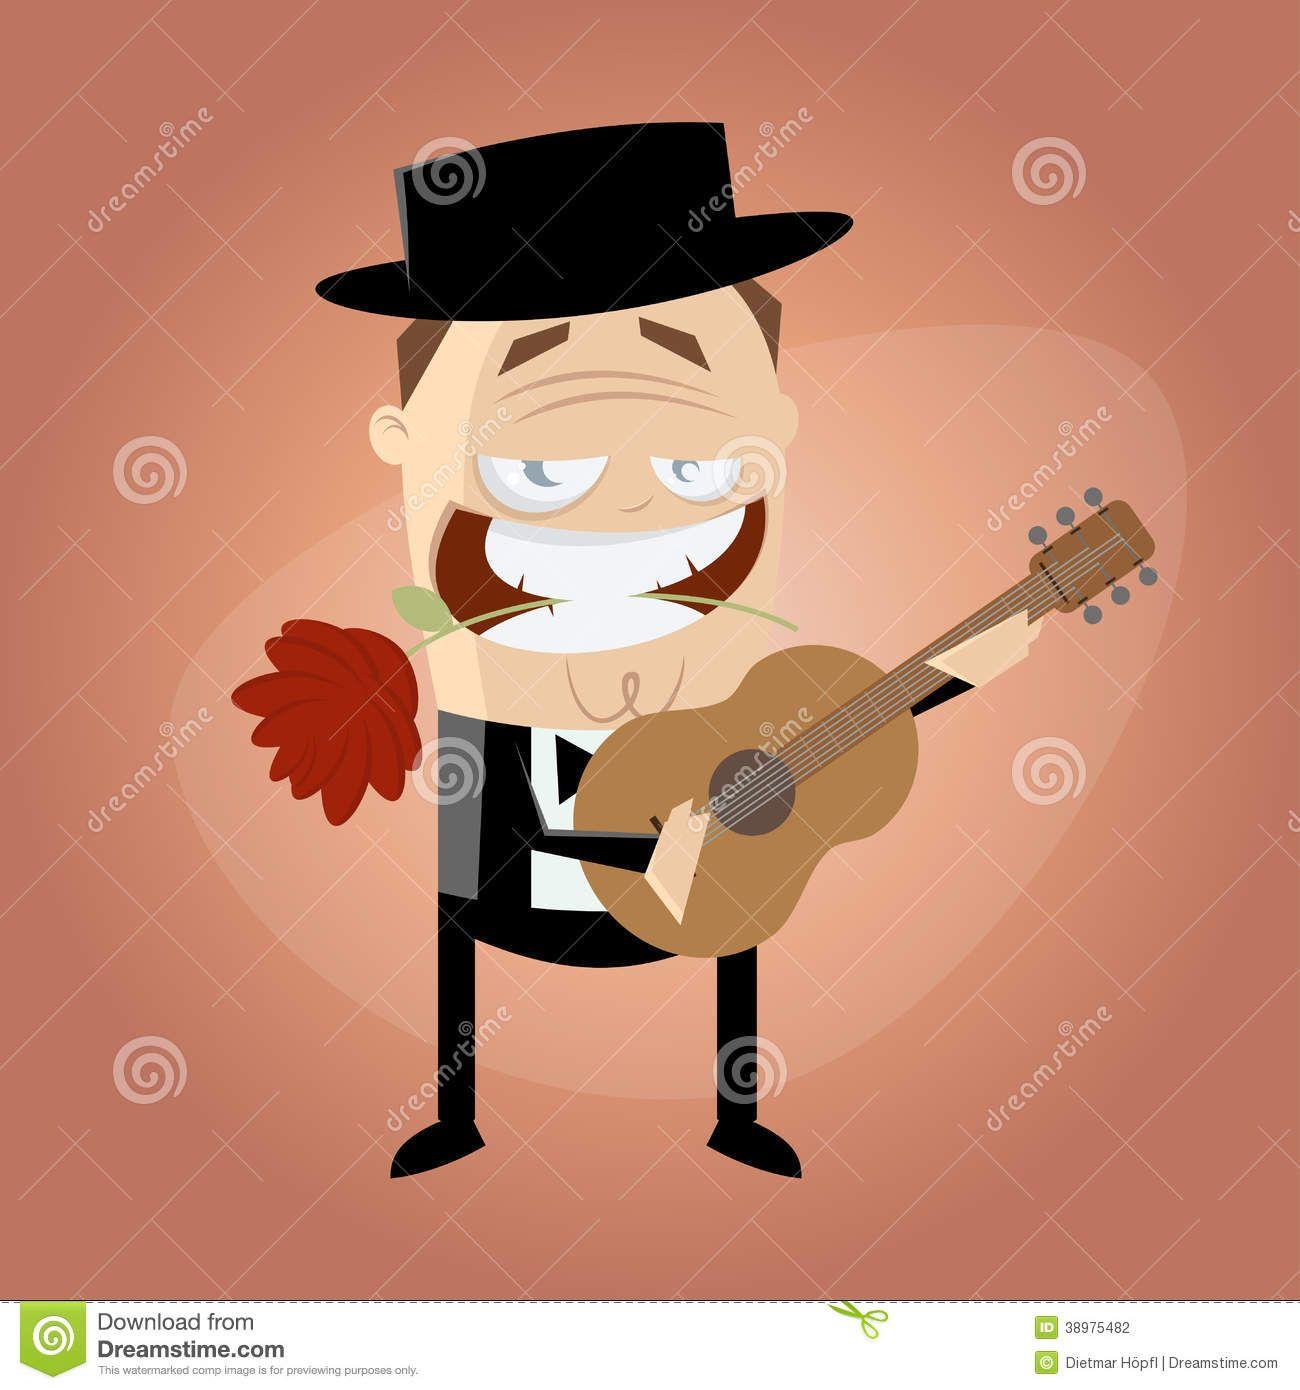 ilustração violonista - Pesquisa Google